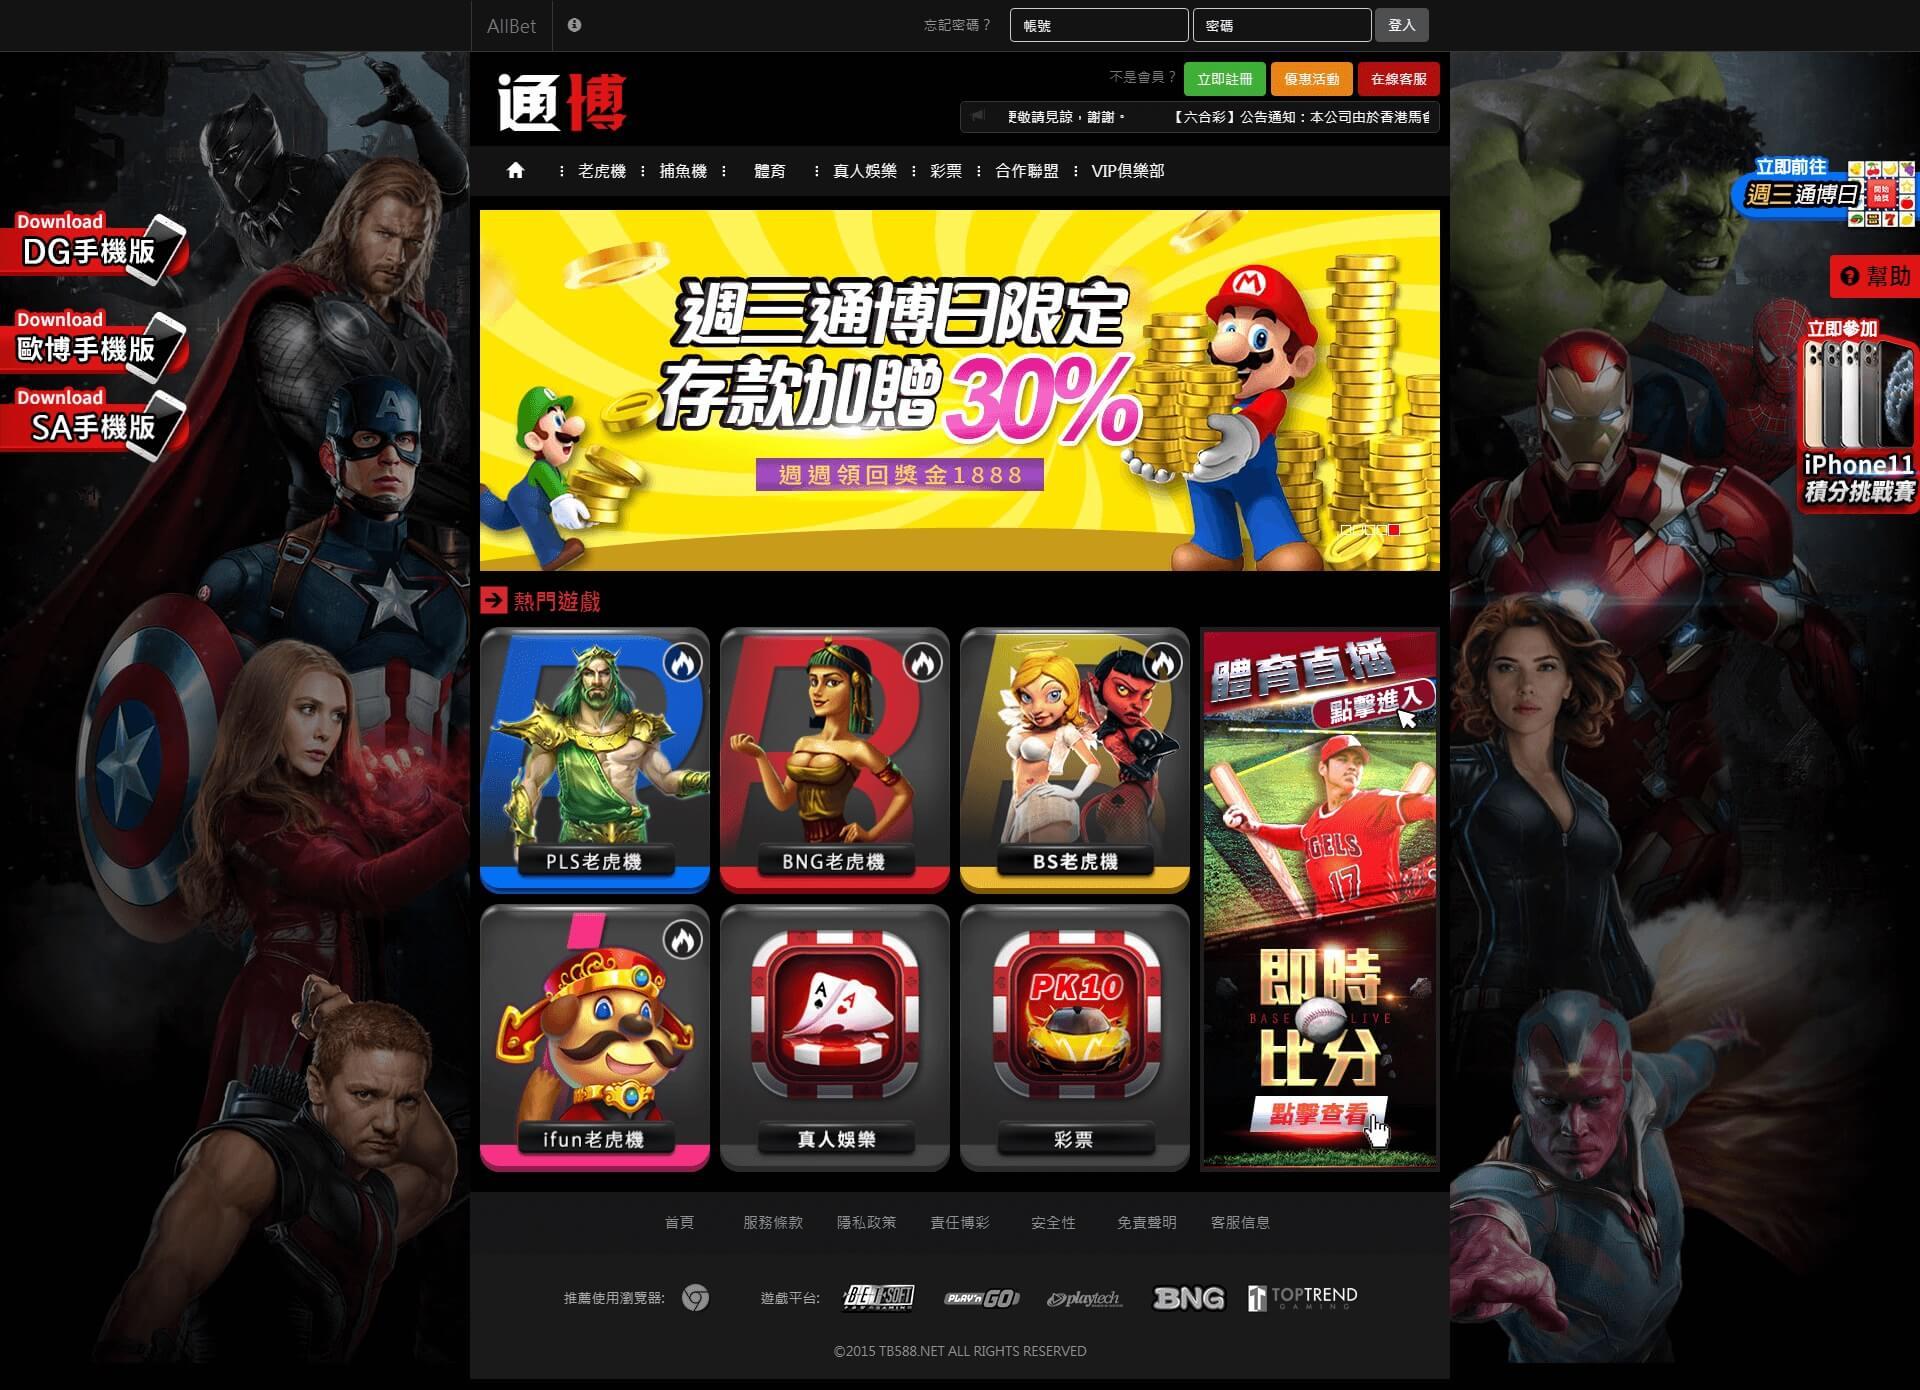 世界上最簡單的娛樂城遊戲-通博娛樂城儲1000送1000